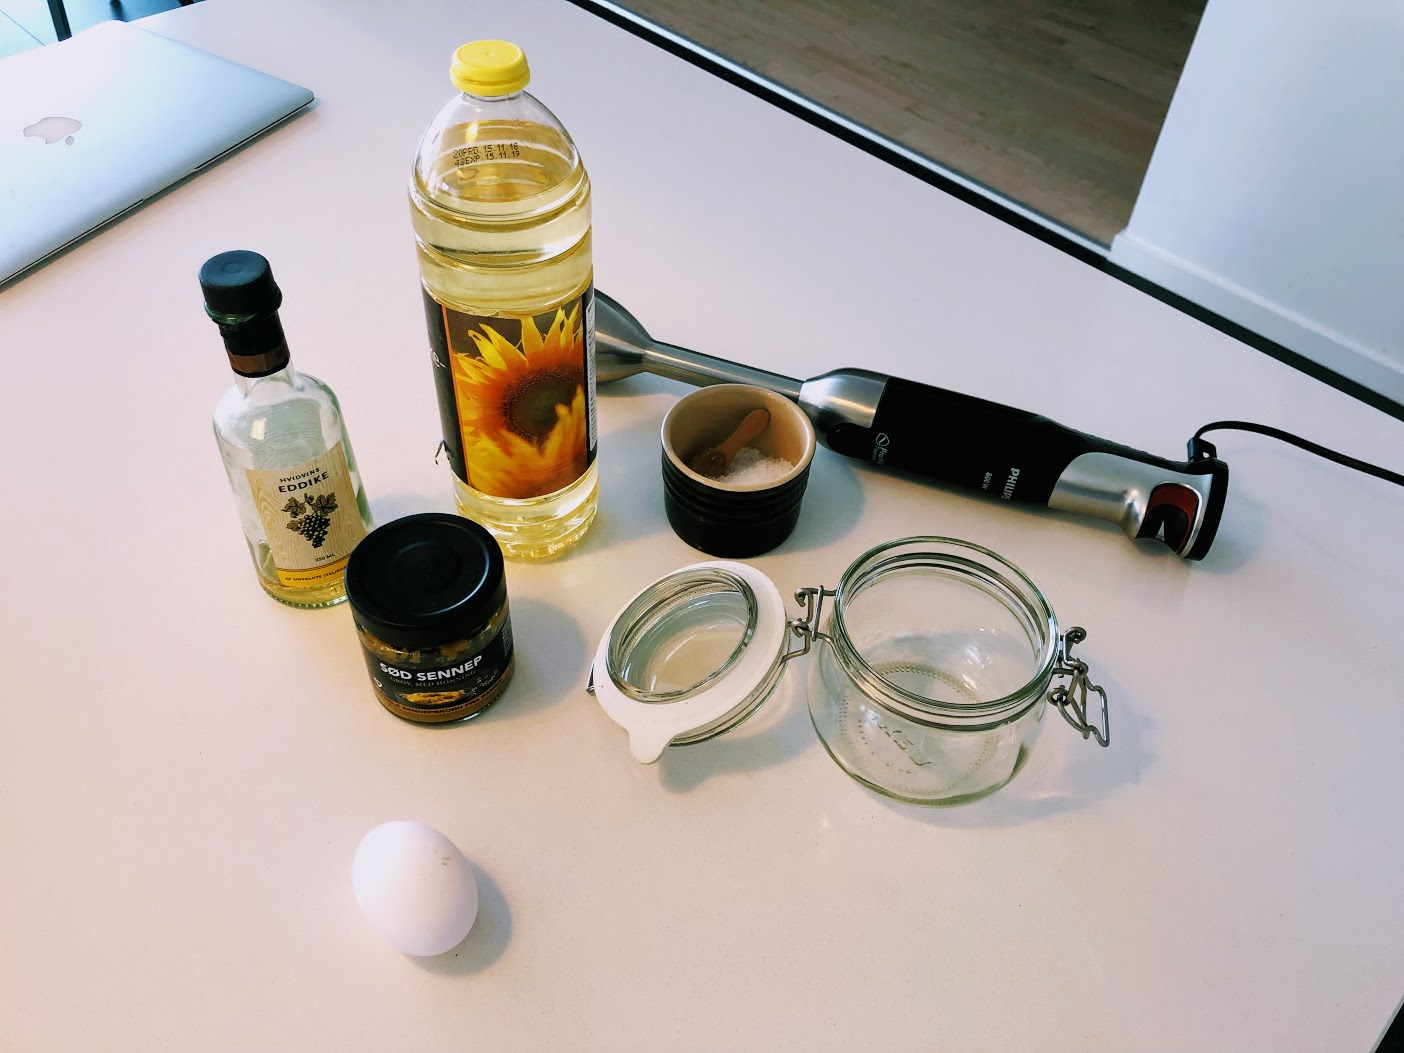 hjemmelavet mayonaise med stavblender blender mayonnaise majonæse sådan laver du hvordan laver man mayonæse opskrift på